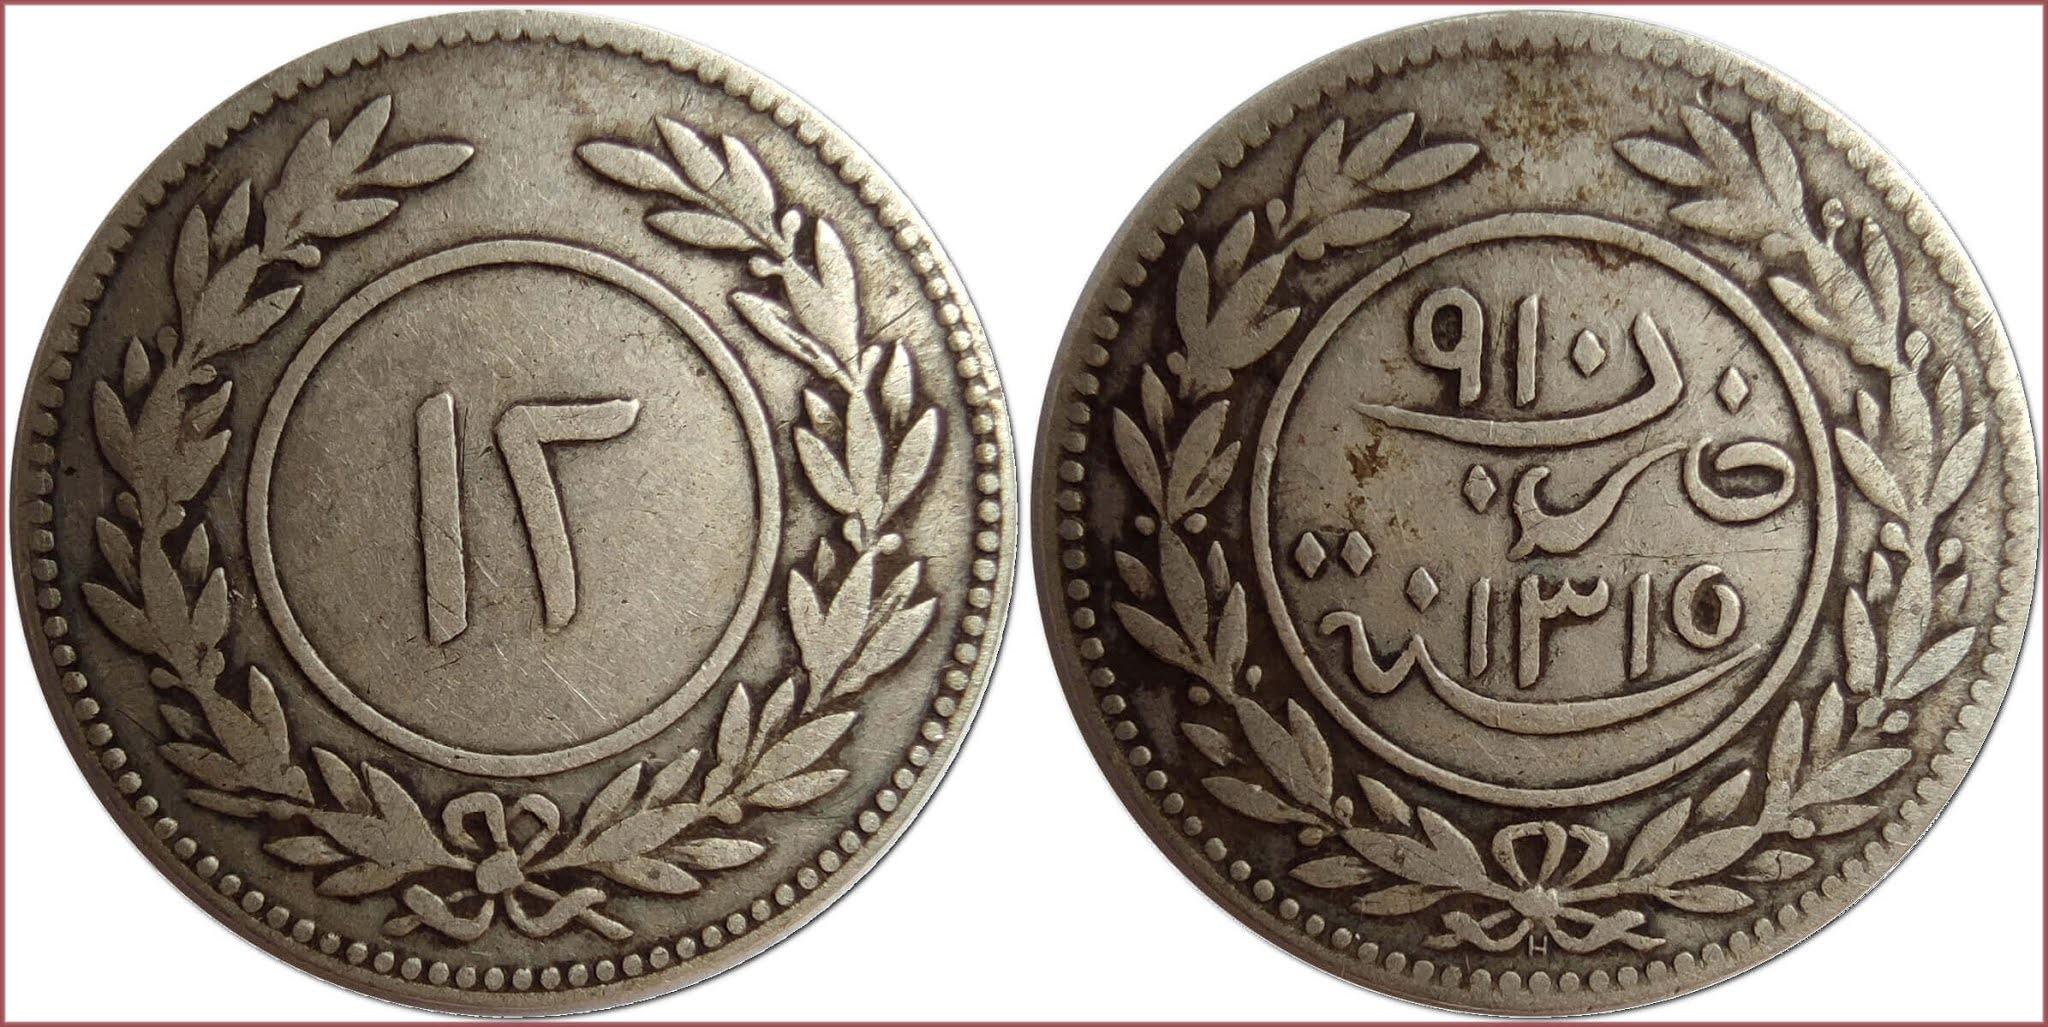 12 khumsi /khumsiyyah/, 1898: Kathiri State of Seiyun in Hadhramaut